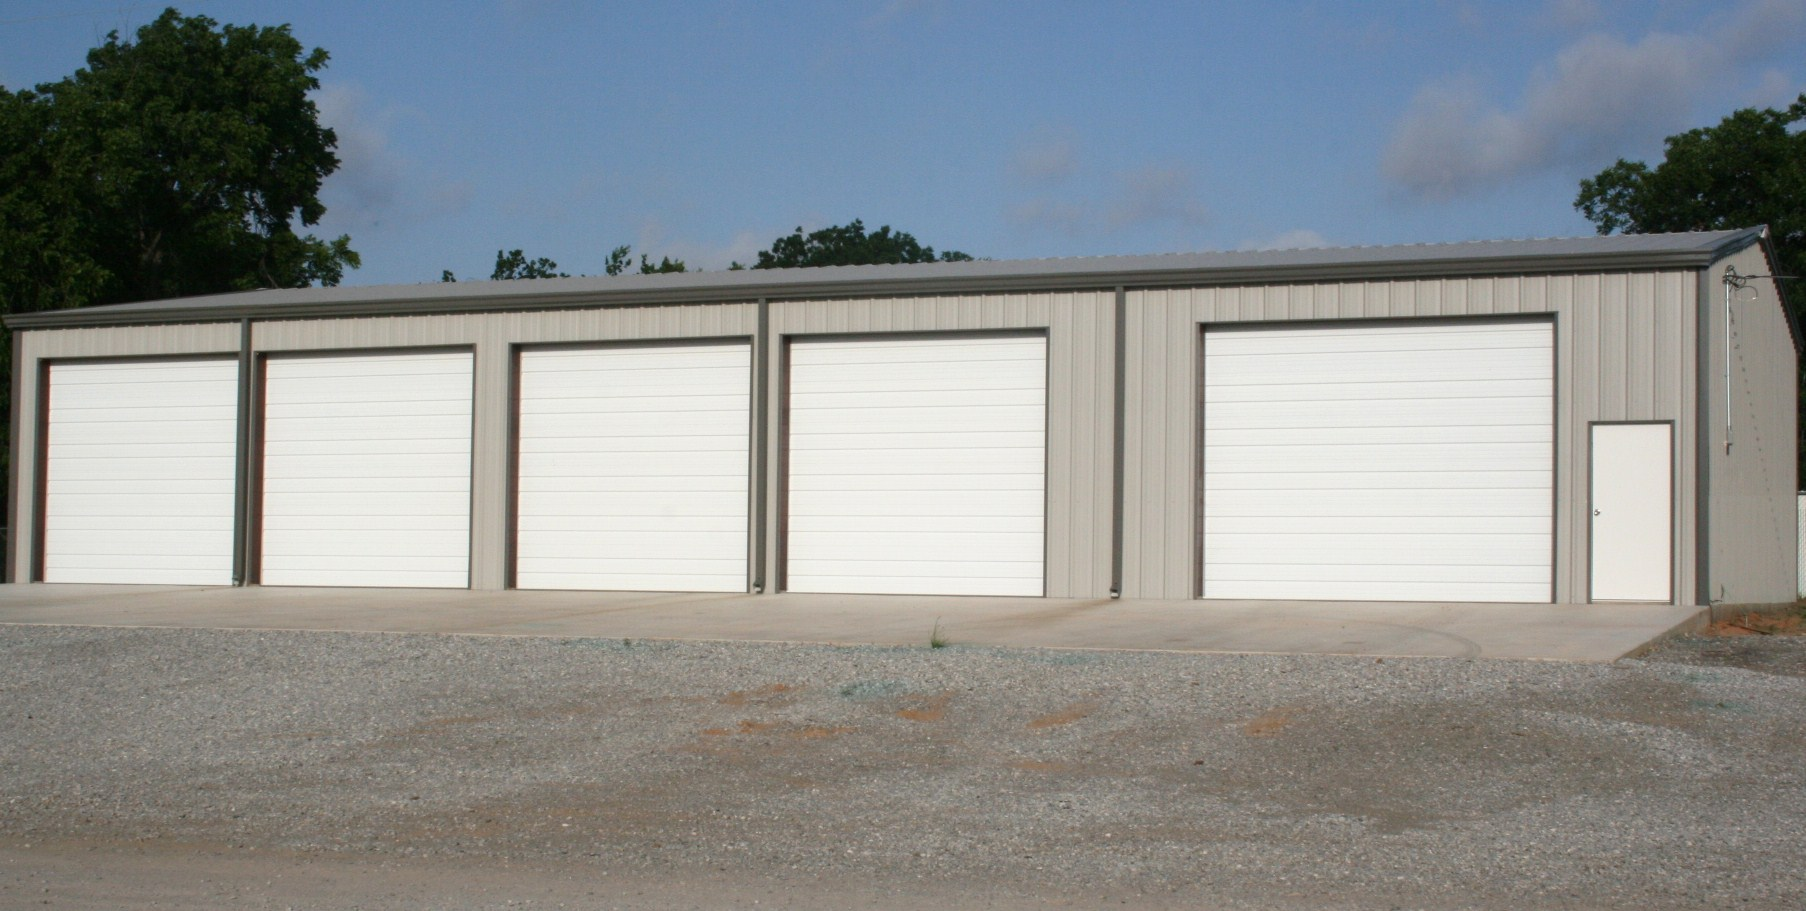 911 #486383 Metal Buildings wallpaper Steel Building Garage Doors 26651806